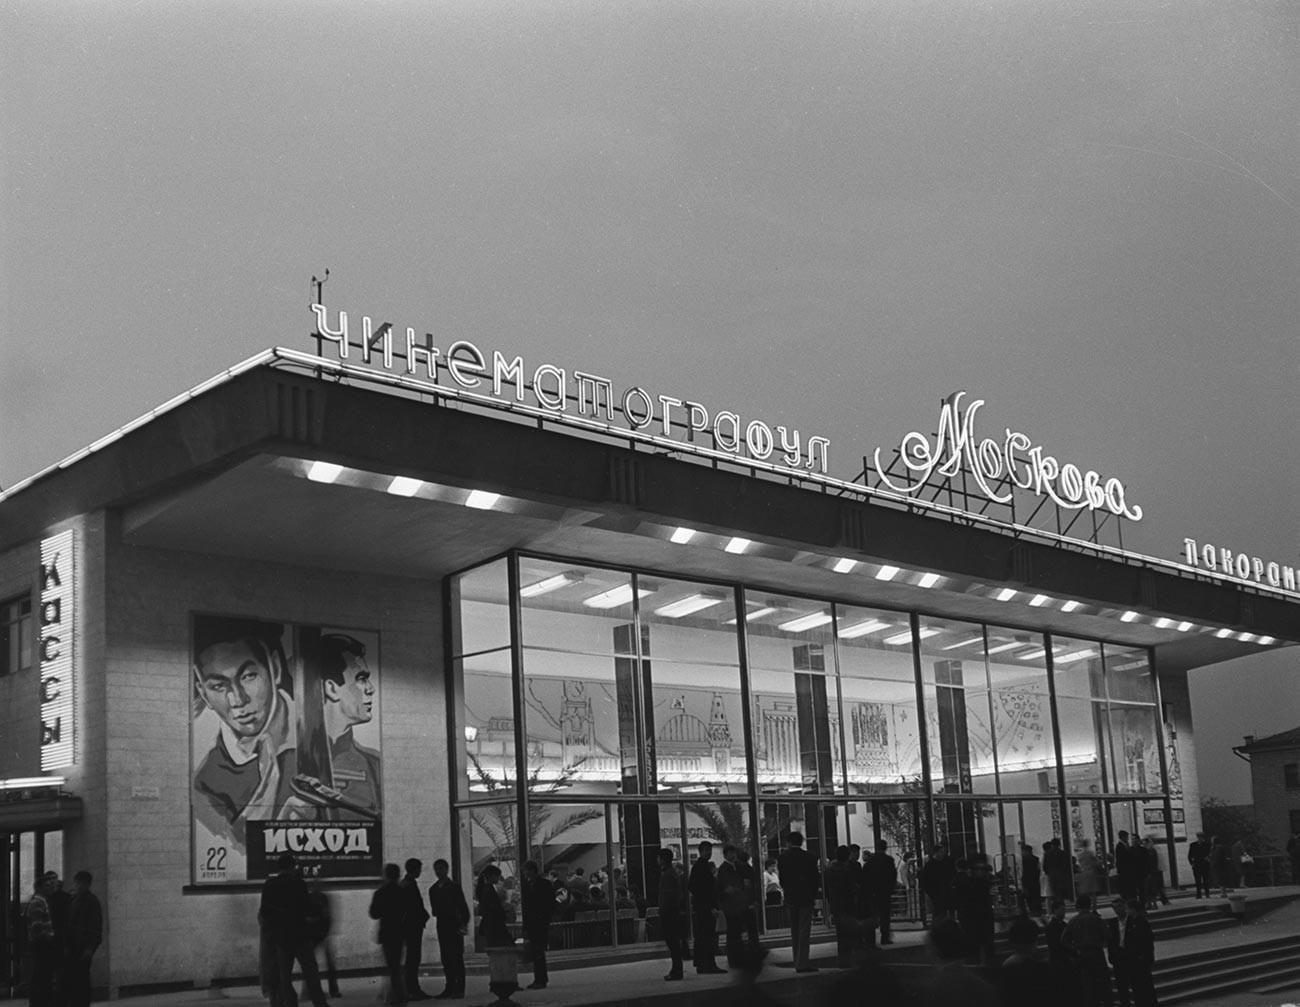 """Киното """"Москва"""" во Кишинев, 1968 година."""